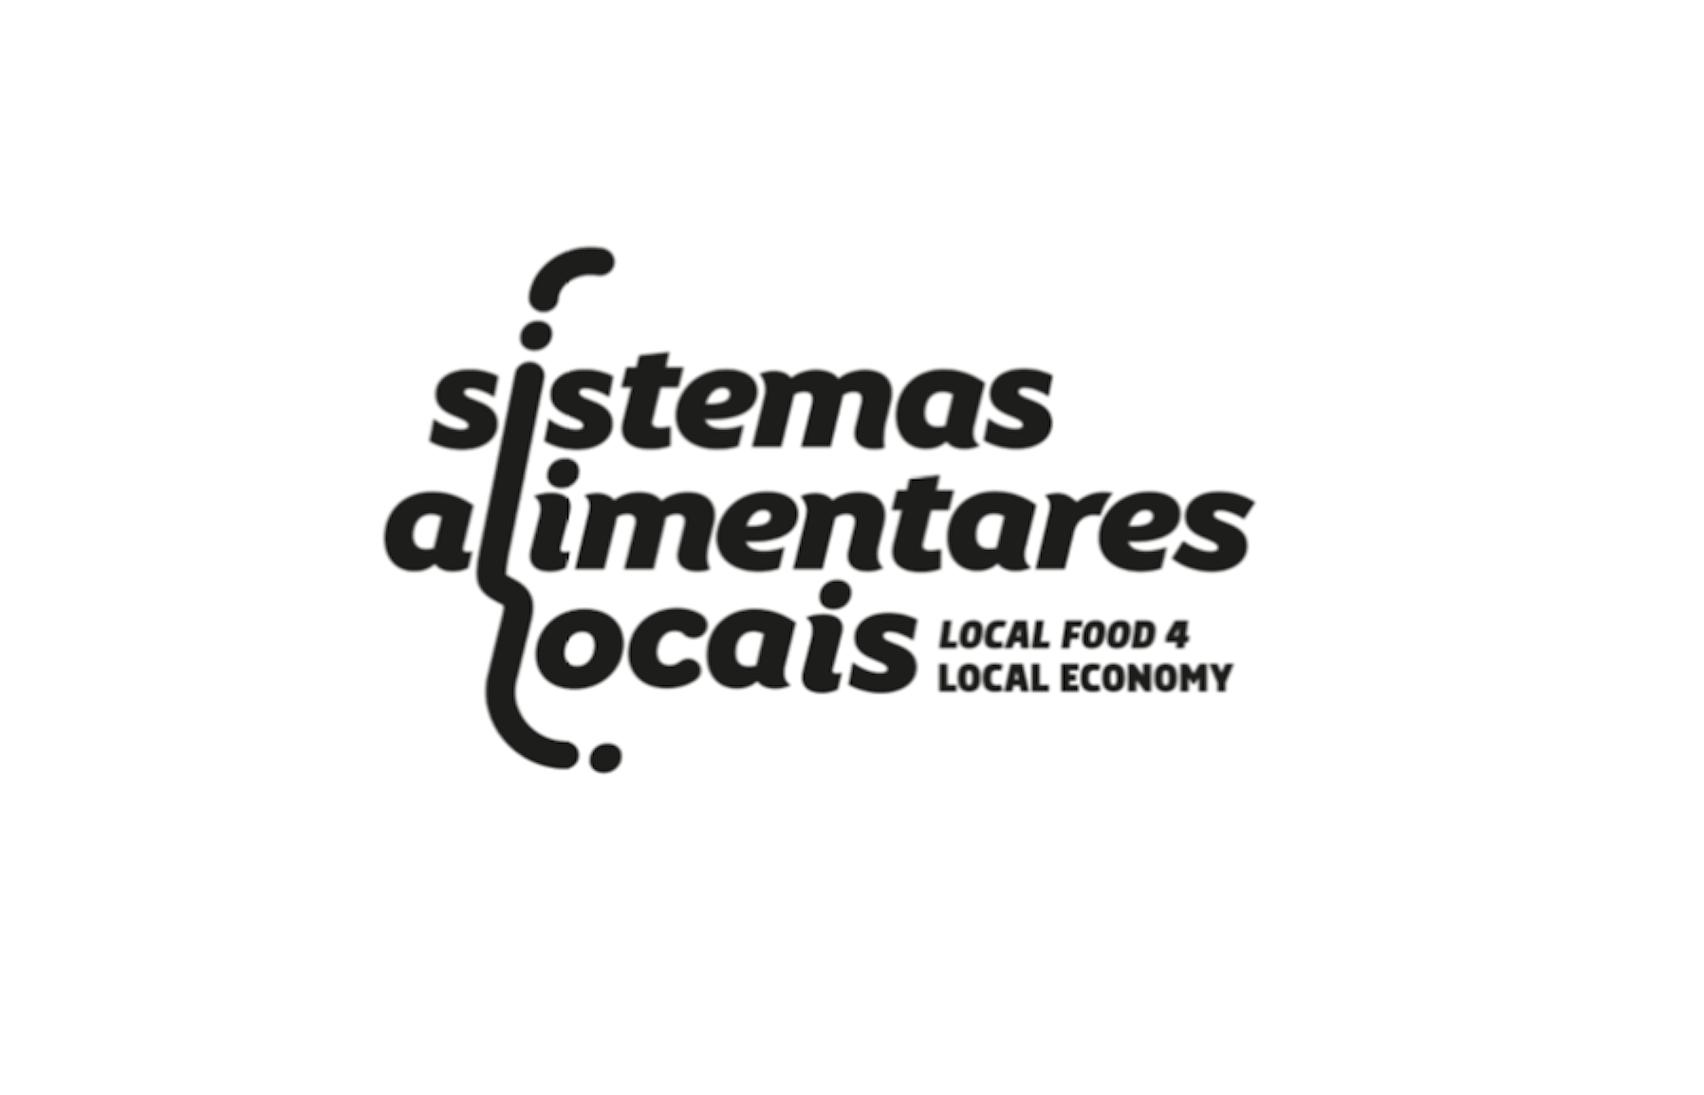 Oficinas sobre Sistemas Alimentares Locais | Projeto LF4LE Associação In Loco